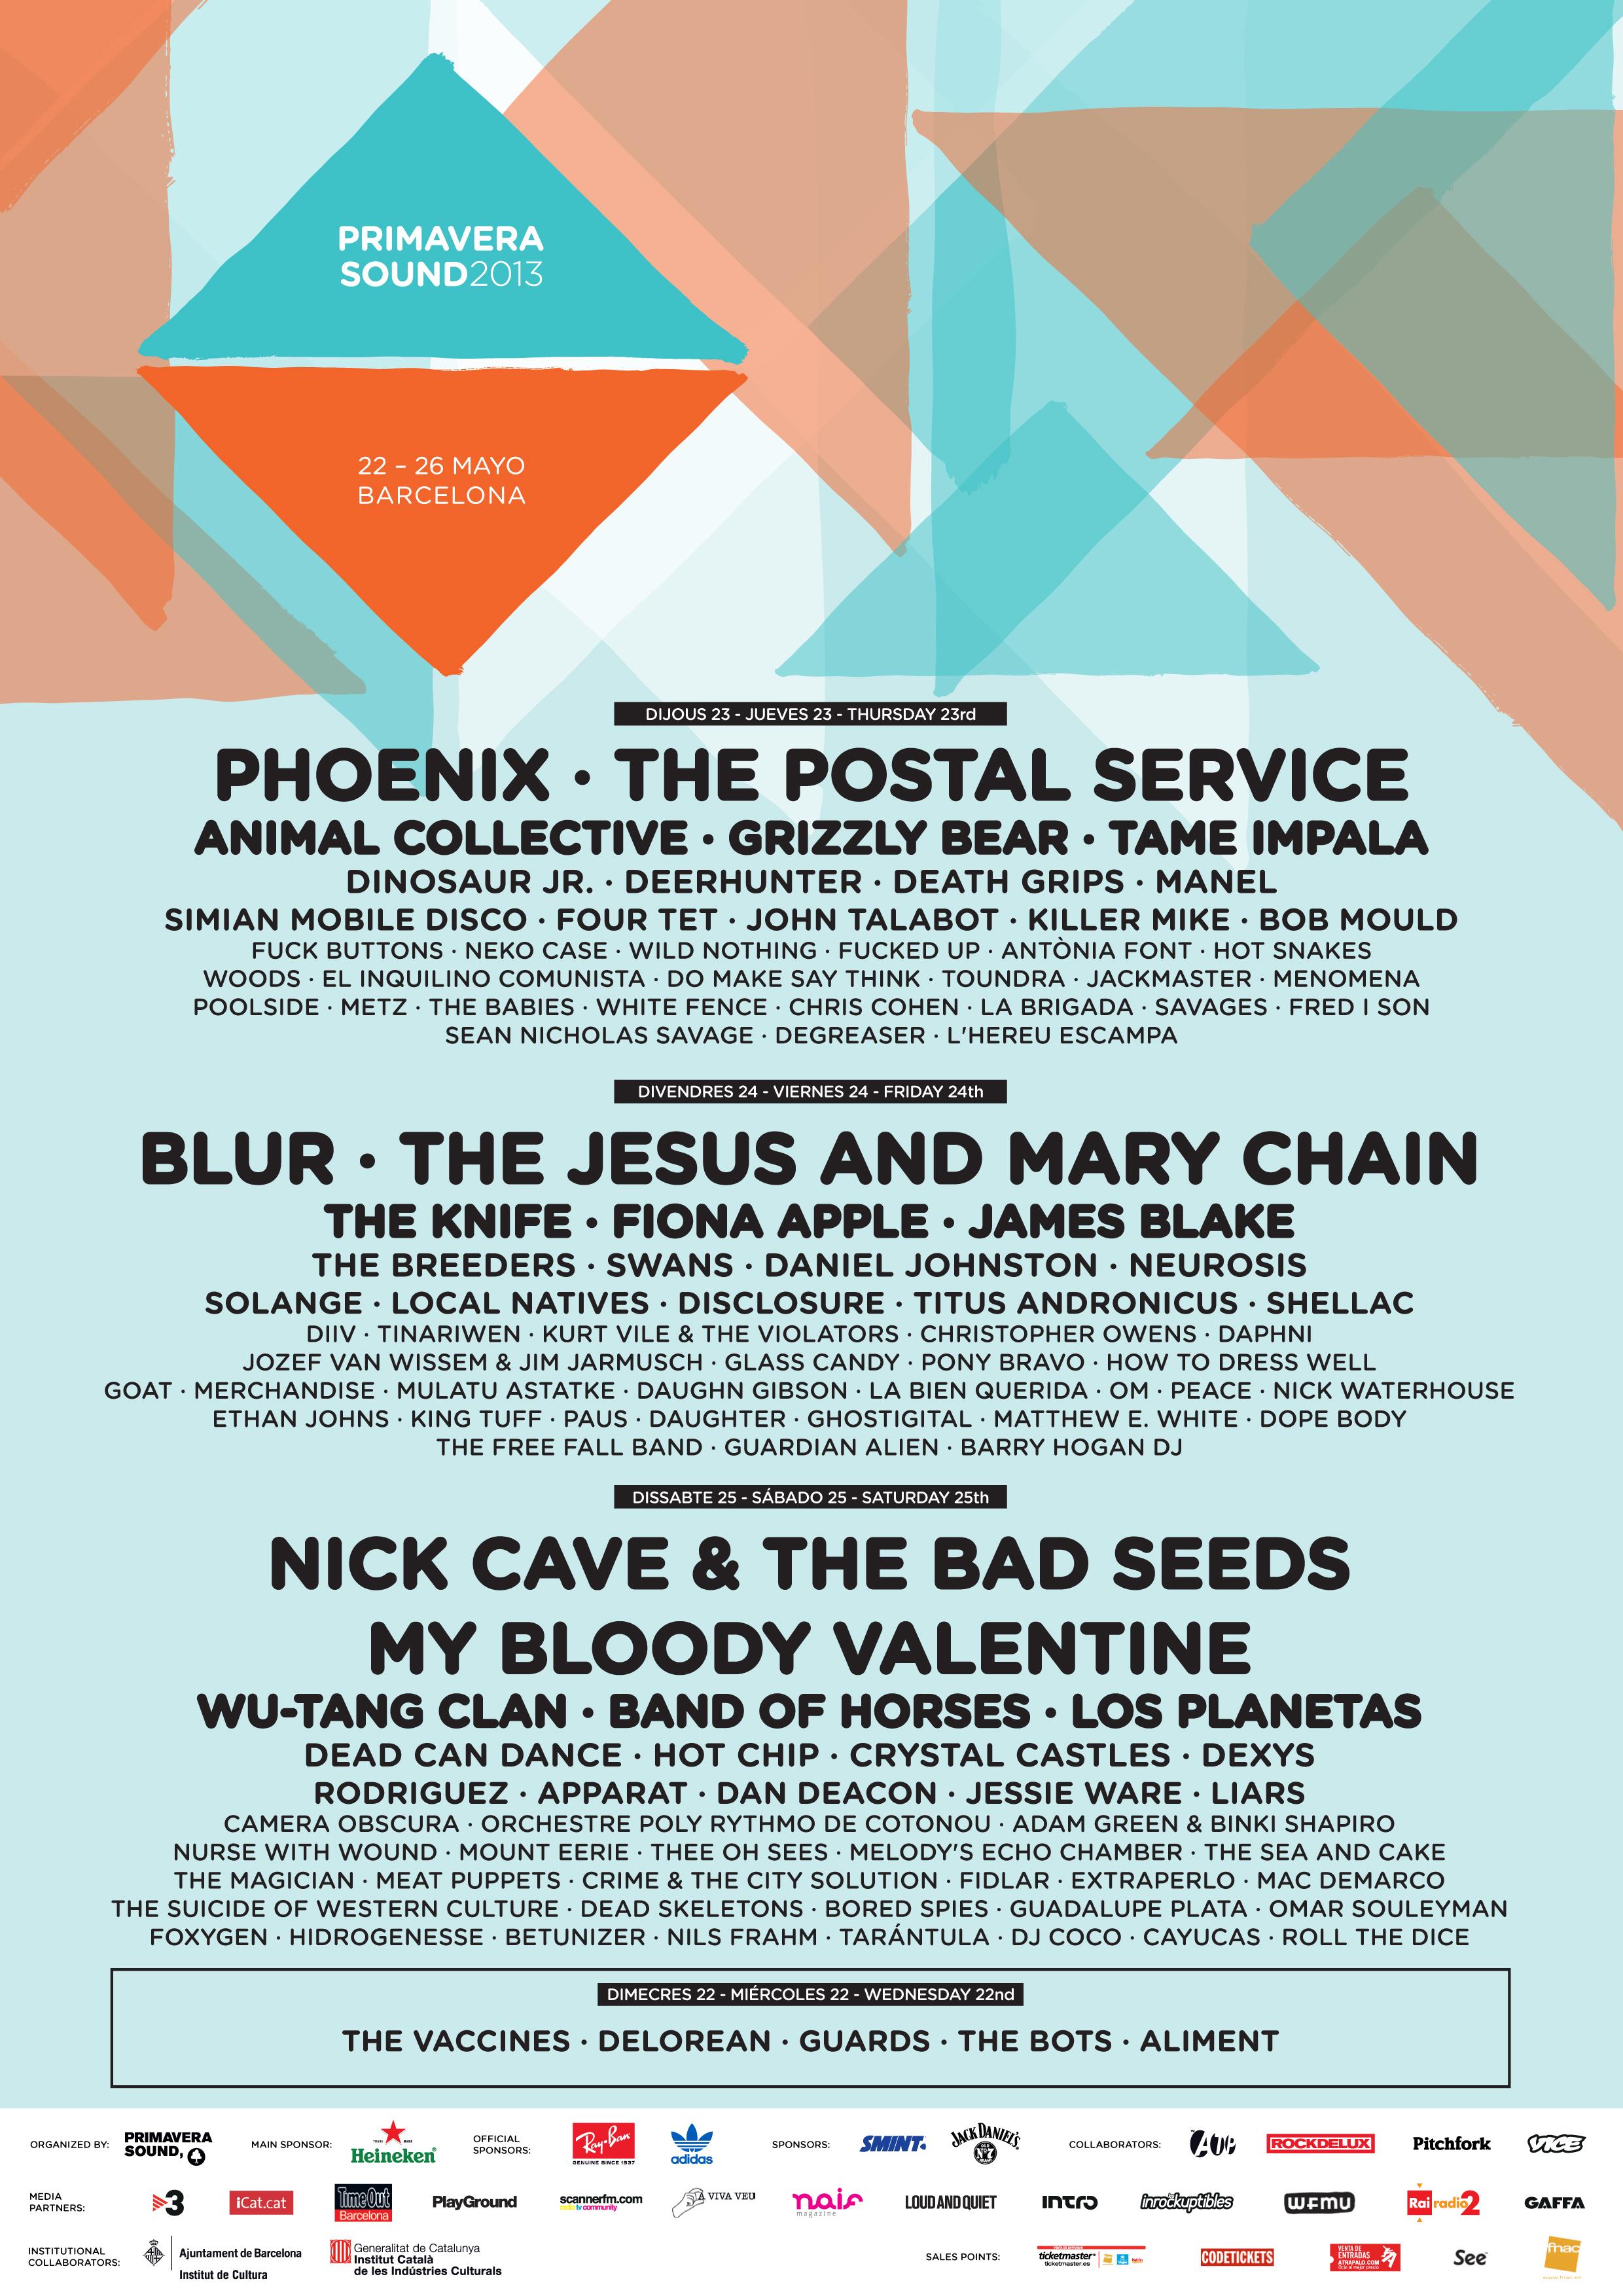 Primavera Sound 2013 line-up